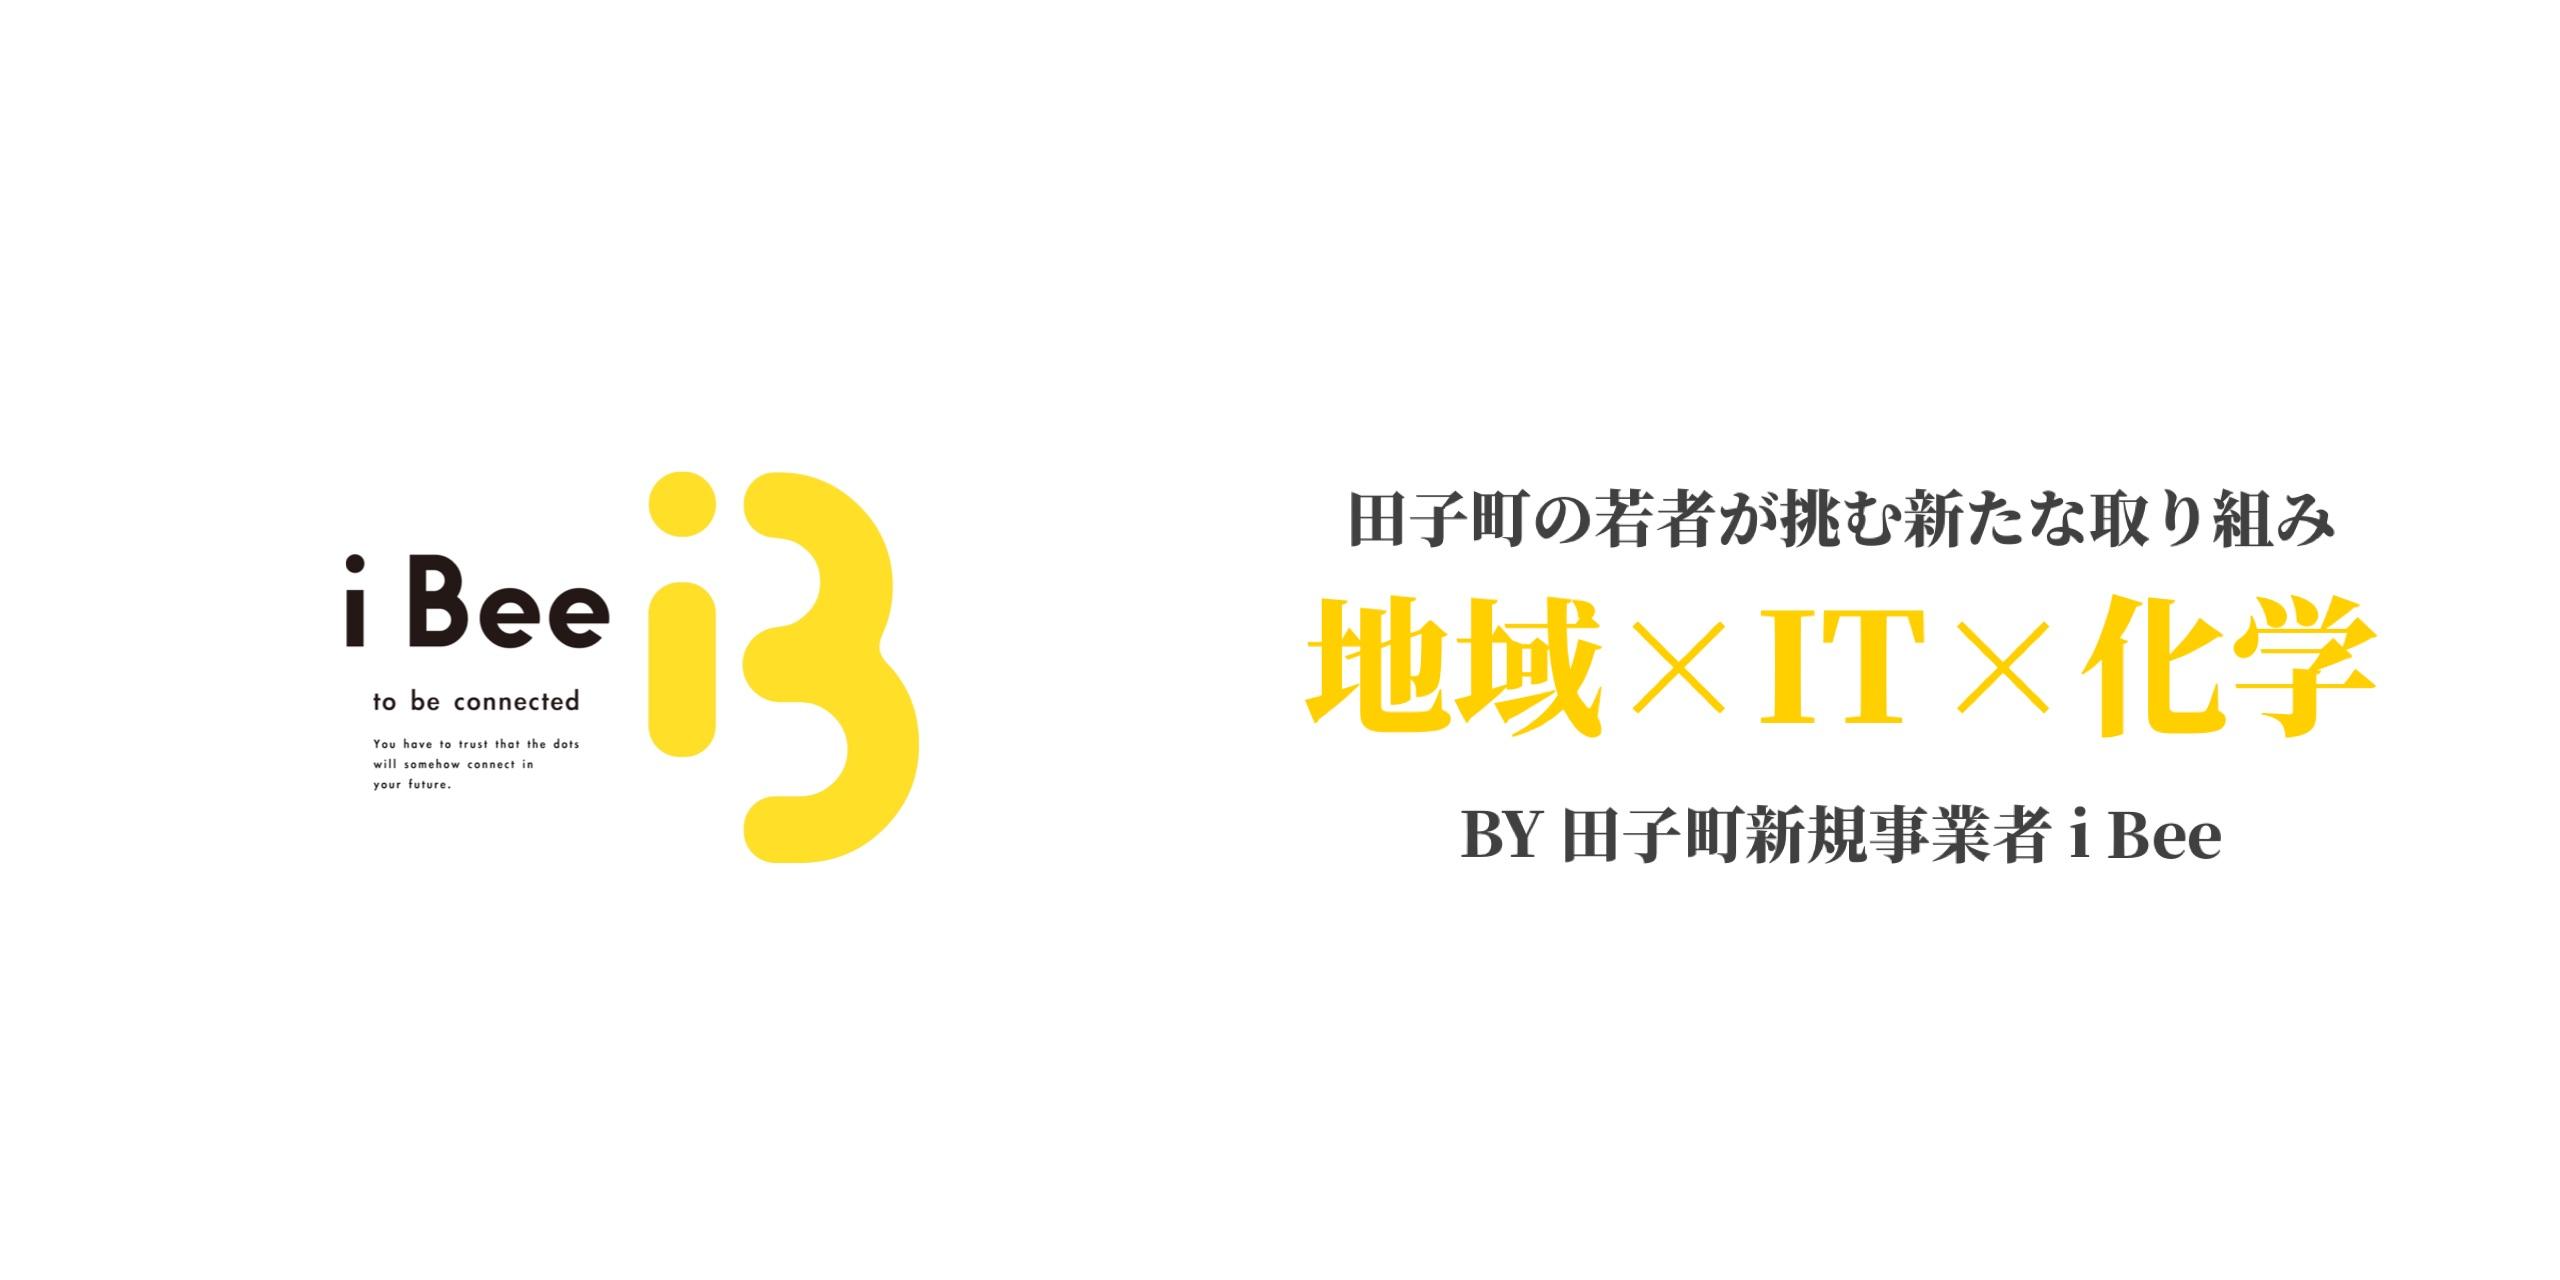 """田子町を""""IT""""と""""化学""""の力で変える 〜新規事業者「i Bee」の取り組み〜"""